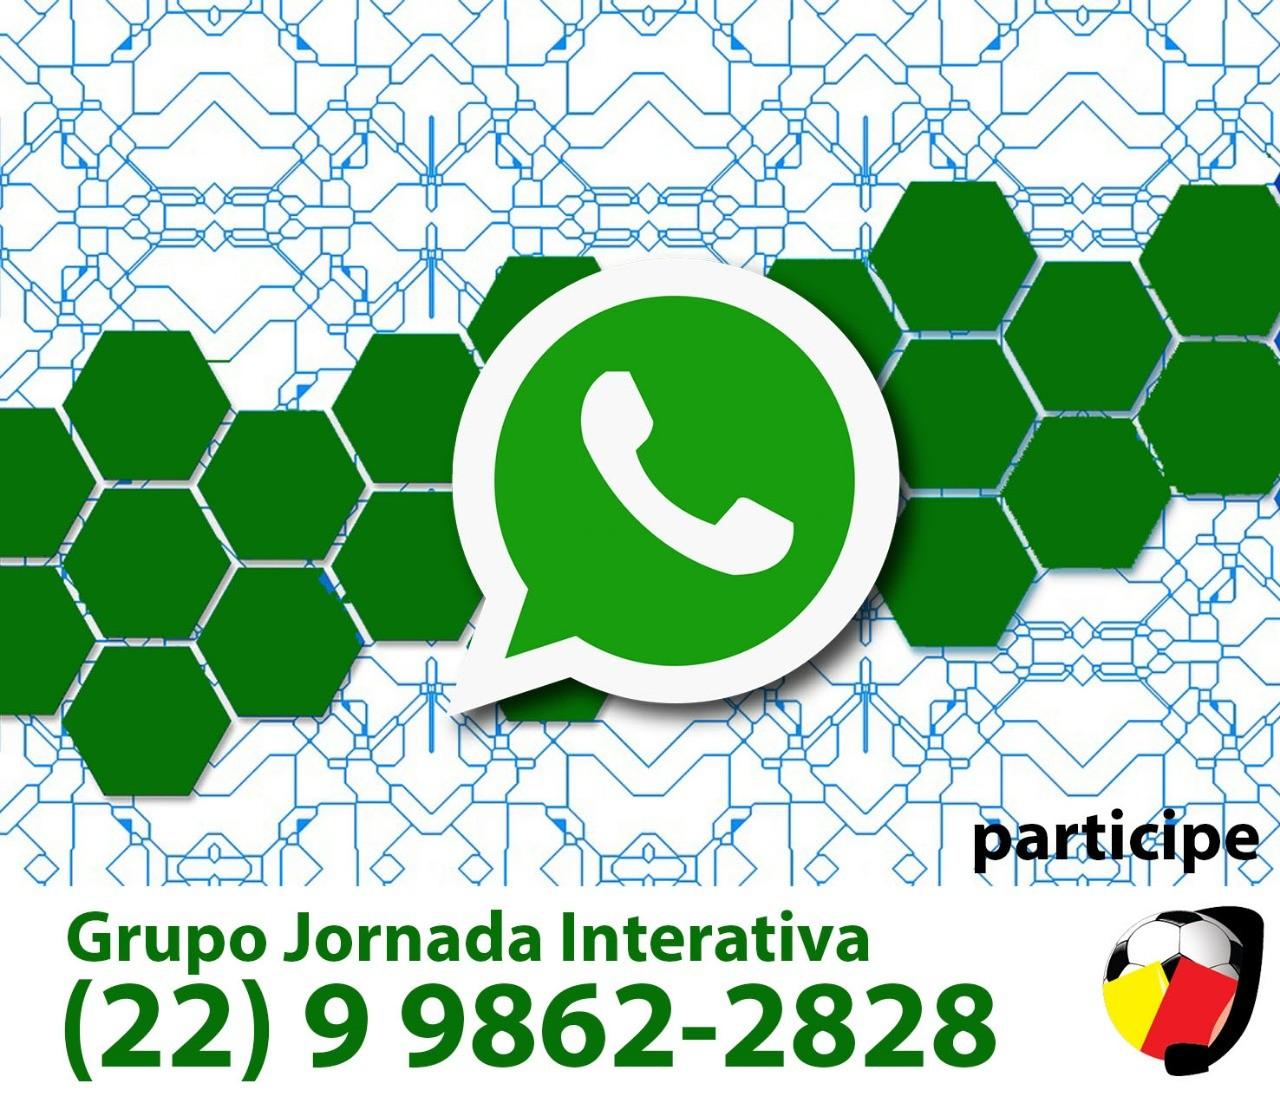 WhatsApp Image 2019-01-03 at 18.53.51